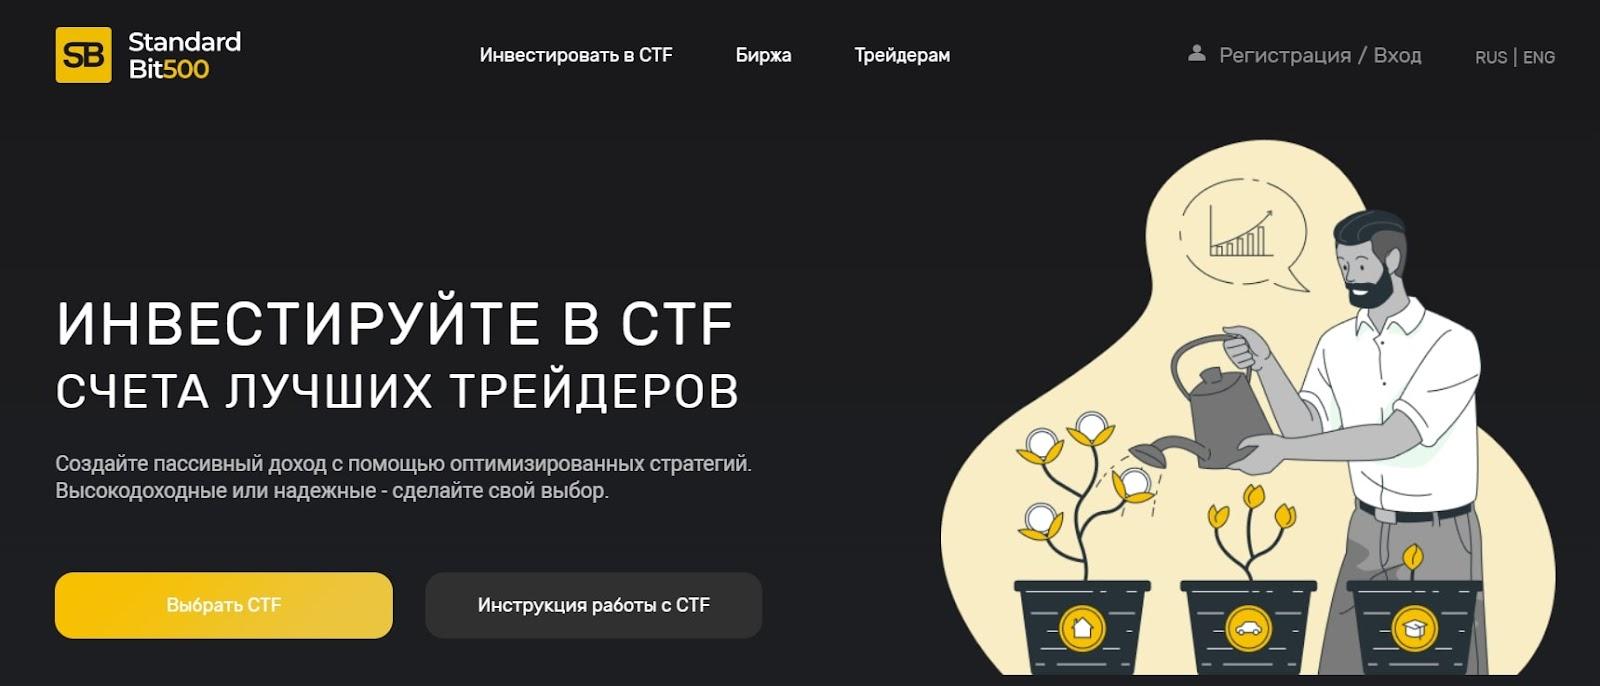 SBIT500: отзывы пользователей и экспертный обзор условий реальные отзывы